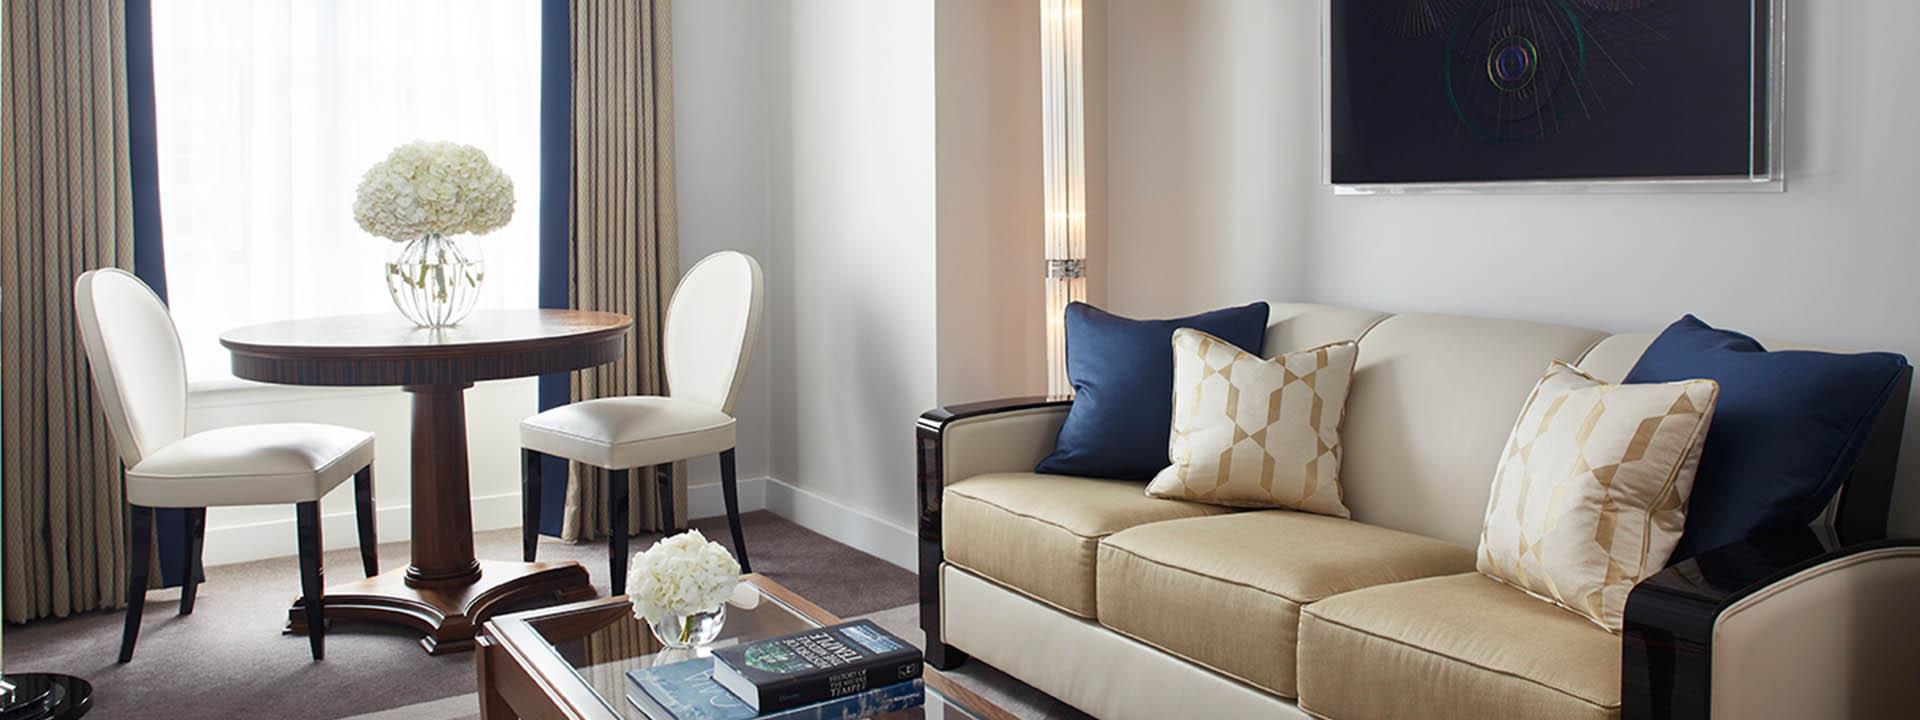 Deluxe Junior Suite Living Room